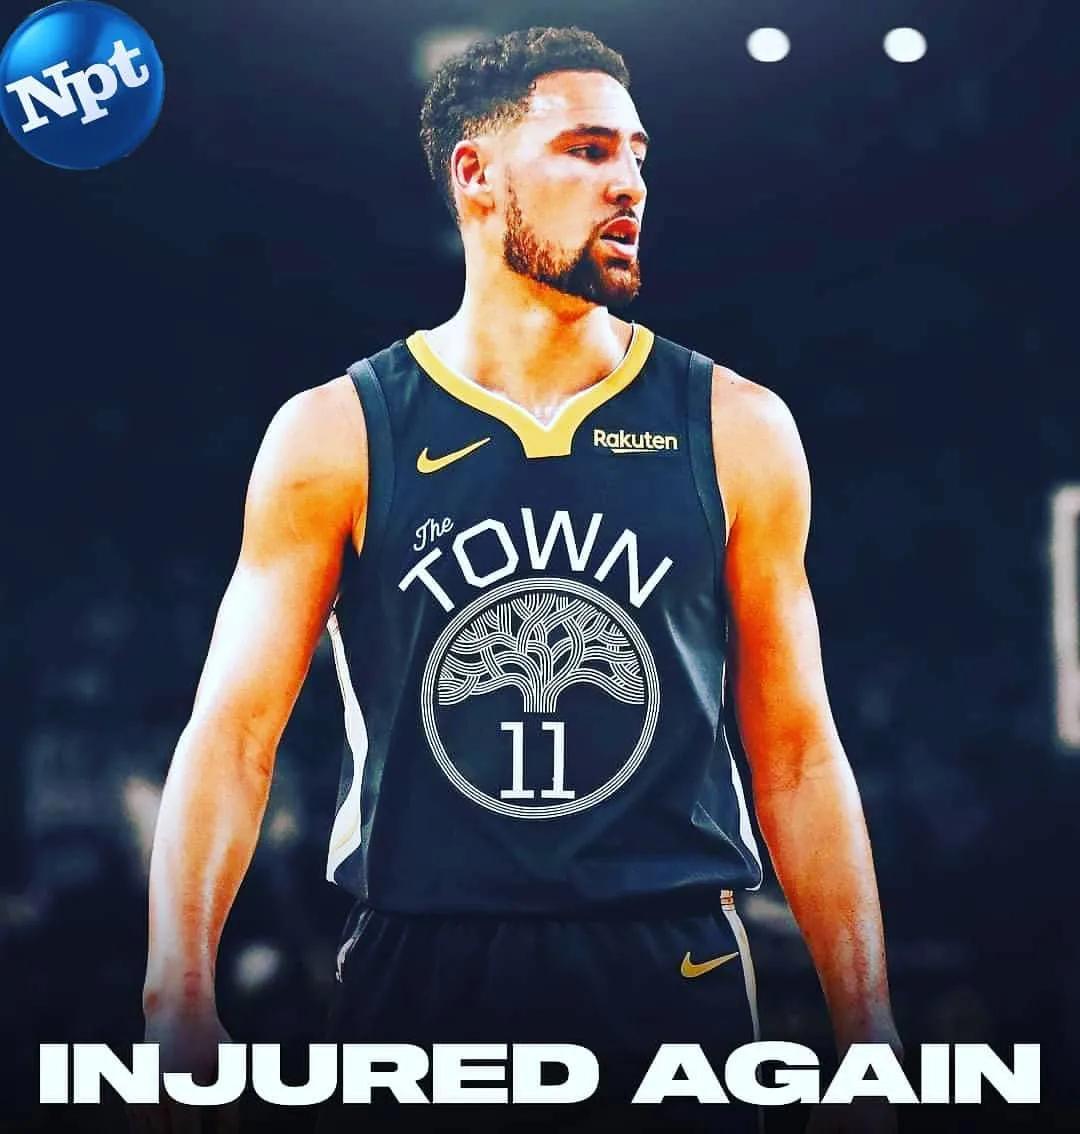 克莱疑似跟腱受伤!面临第2次赛季报销!整个NBA都在为他祈祷